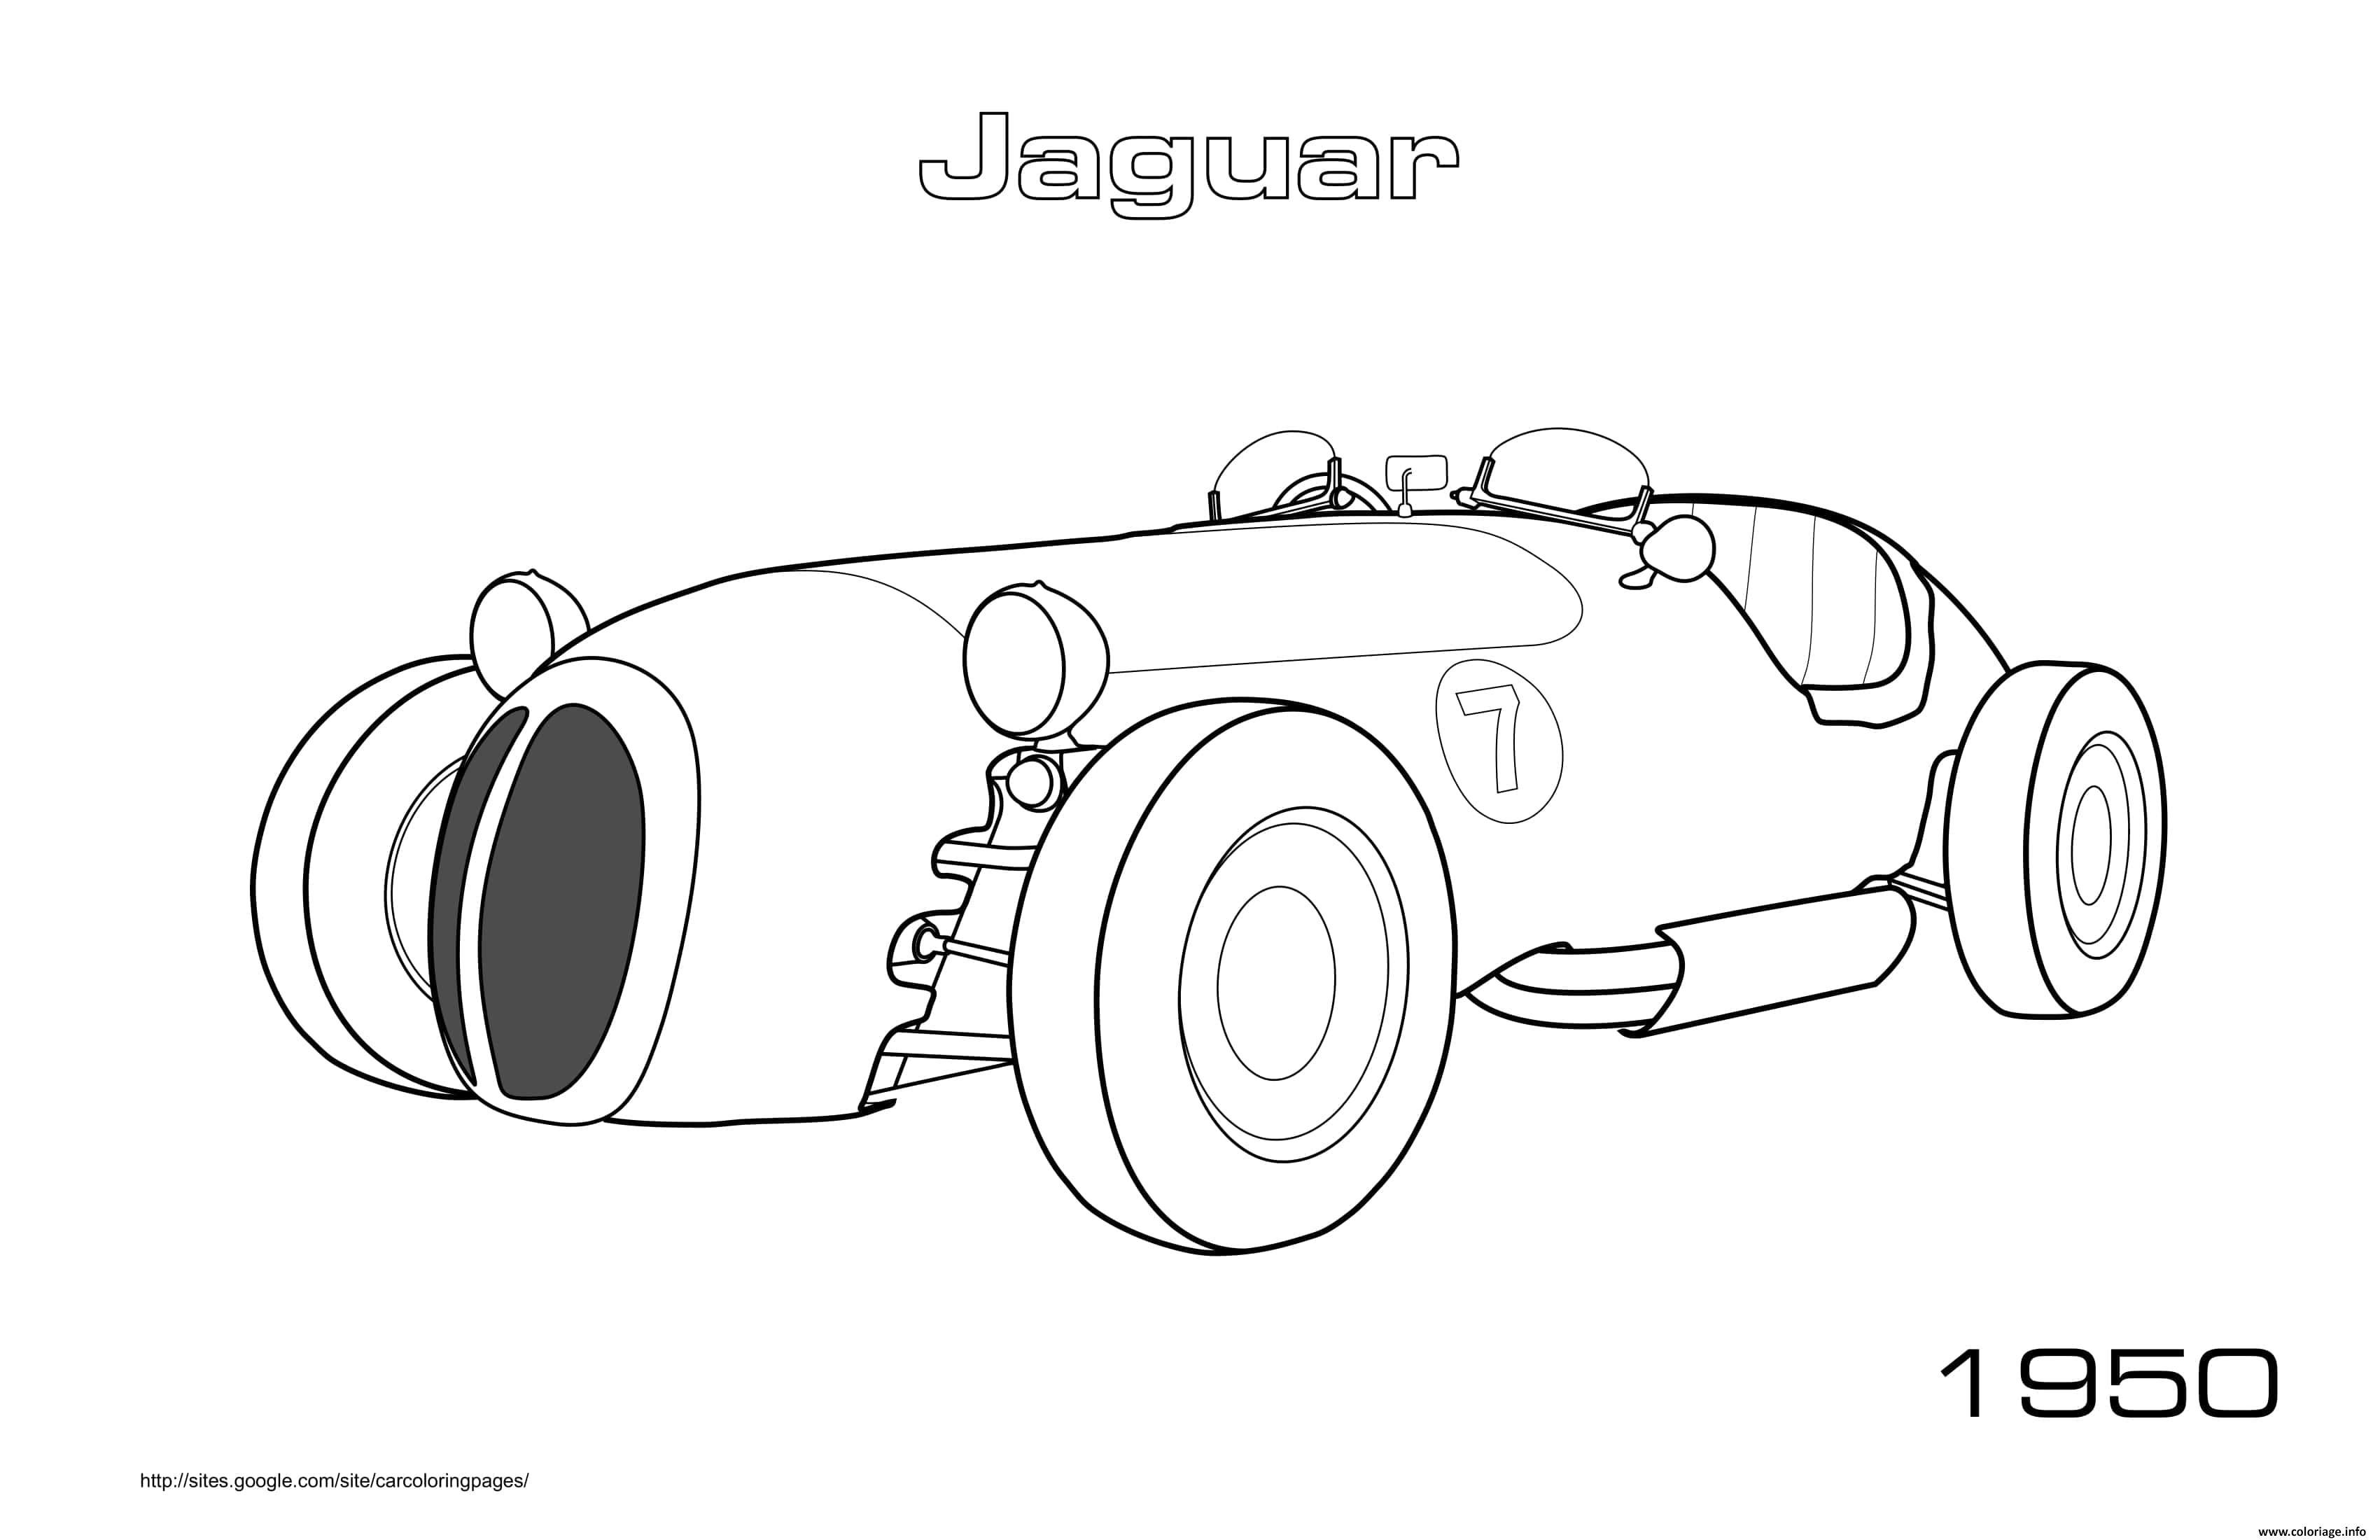 Dessin Old Car Jaguar 1950 Coloriage Gratuit à Imprimer